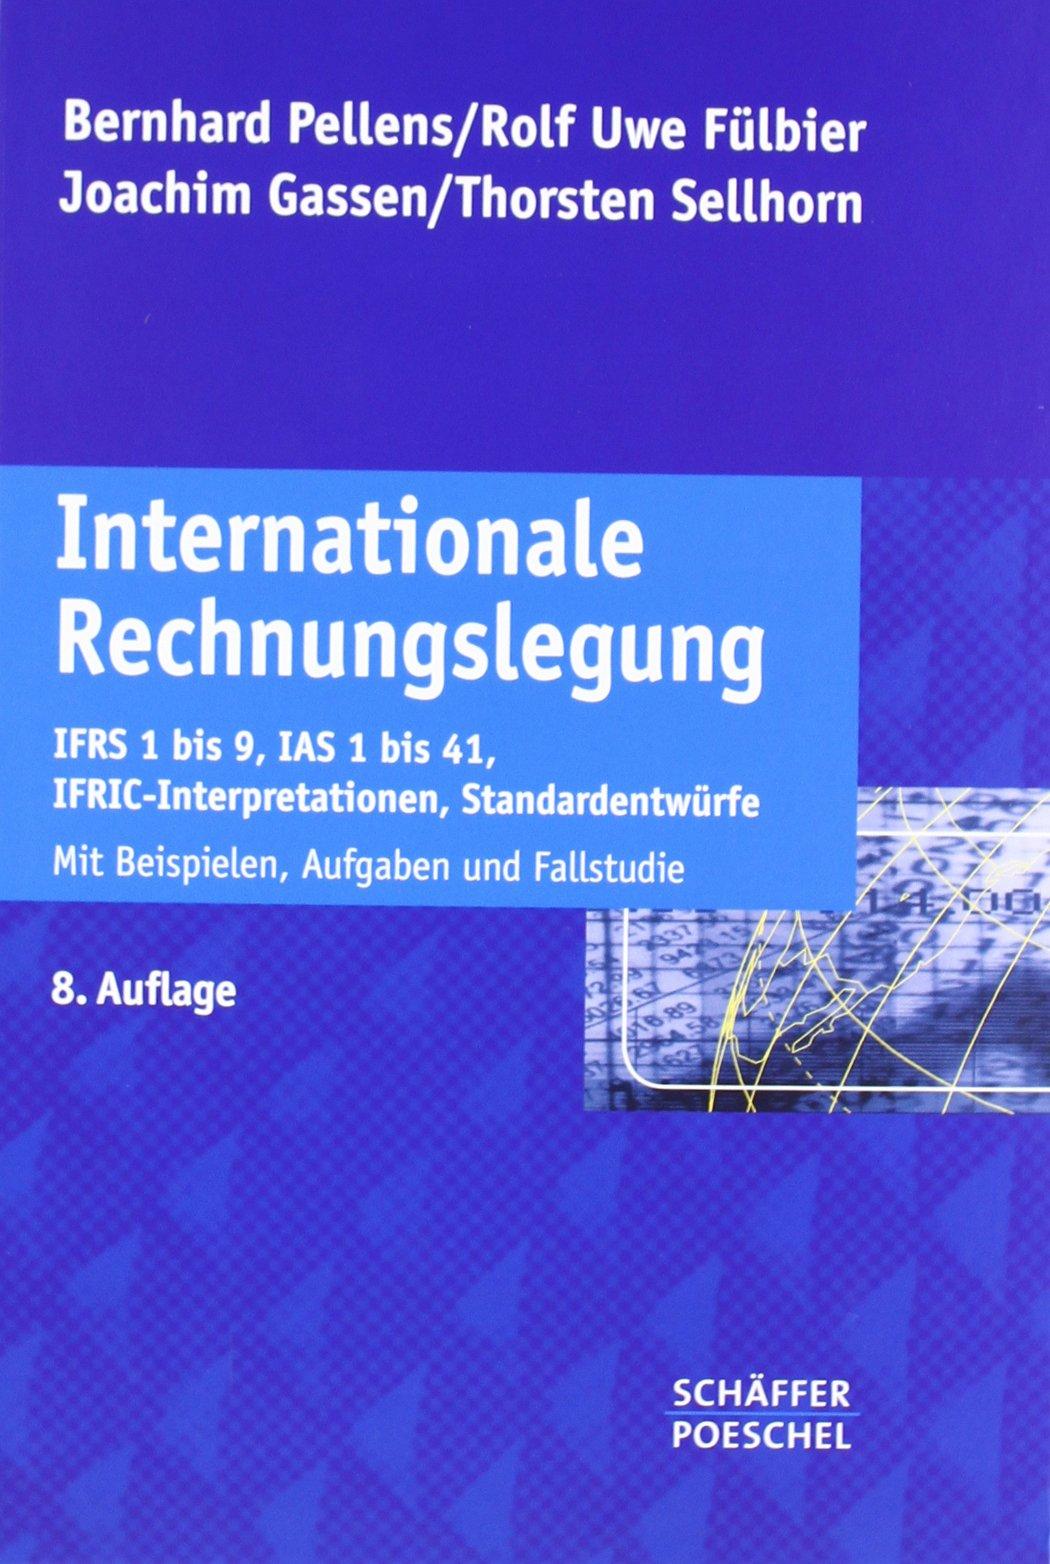 Internationale Rechnungslegung: IFRS 1 bis 9, IAS 1 bis 41, IFRIC-Interpretationen, Standardentwürfe Mit Beispielen, Aufgaben und Fallstudie